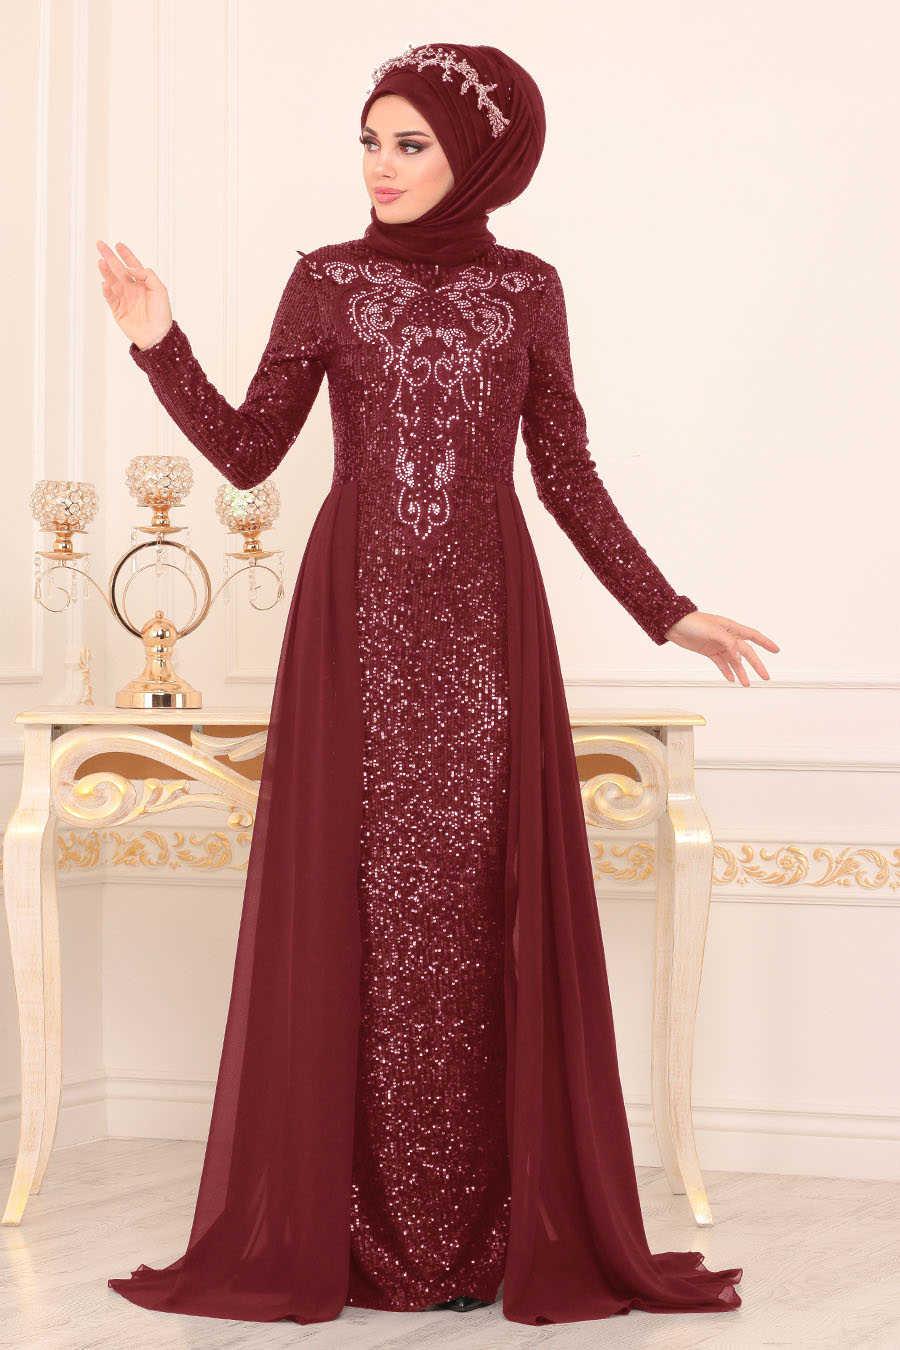 Pul Payetli Bordo Tesettür Abiye Elbise 25724BR